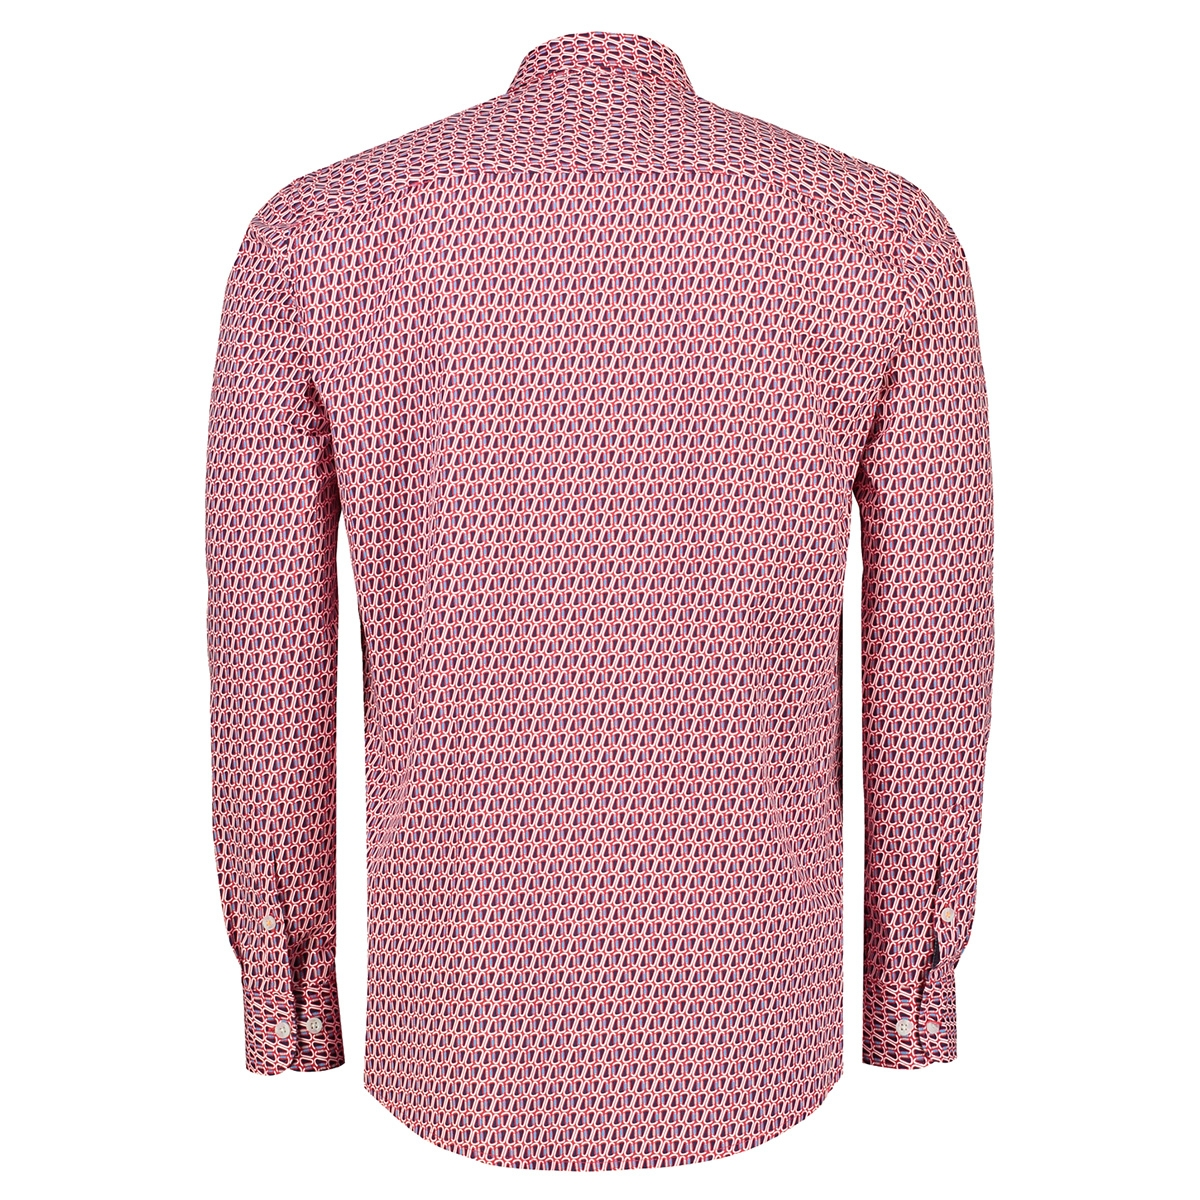 overhemd met karabijn haak print 29n1086 lerros overhemd 353